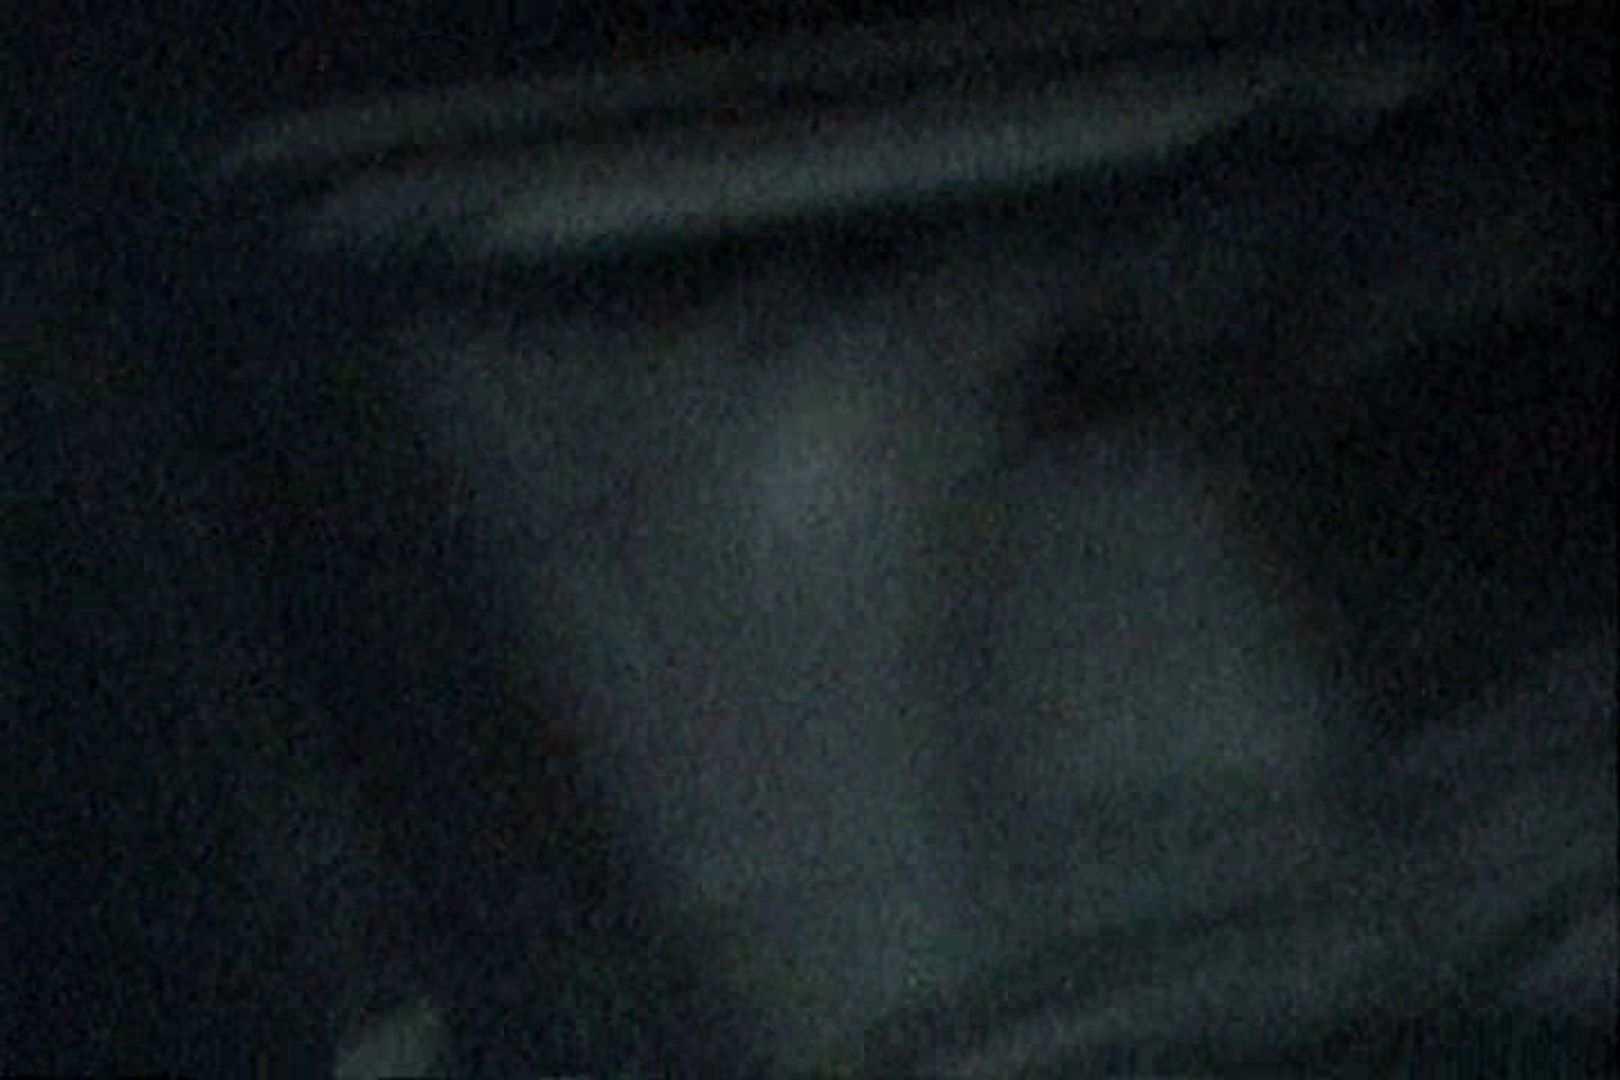 充血監督の深夜の運動会Vol.142 おまんこ丸見え | OL女体  103連発 1